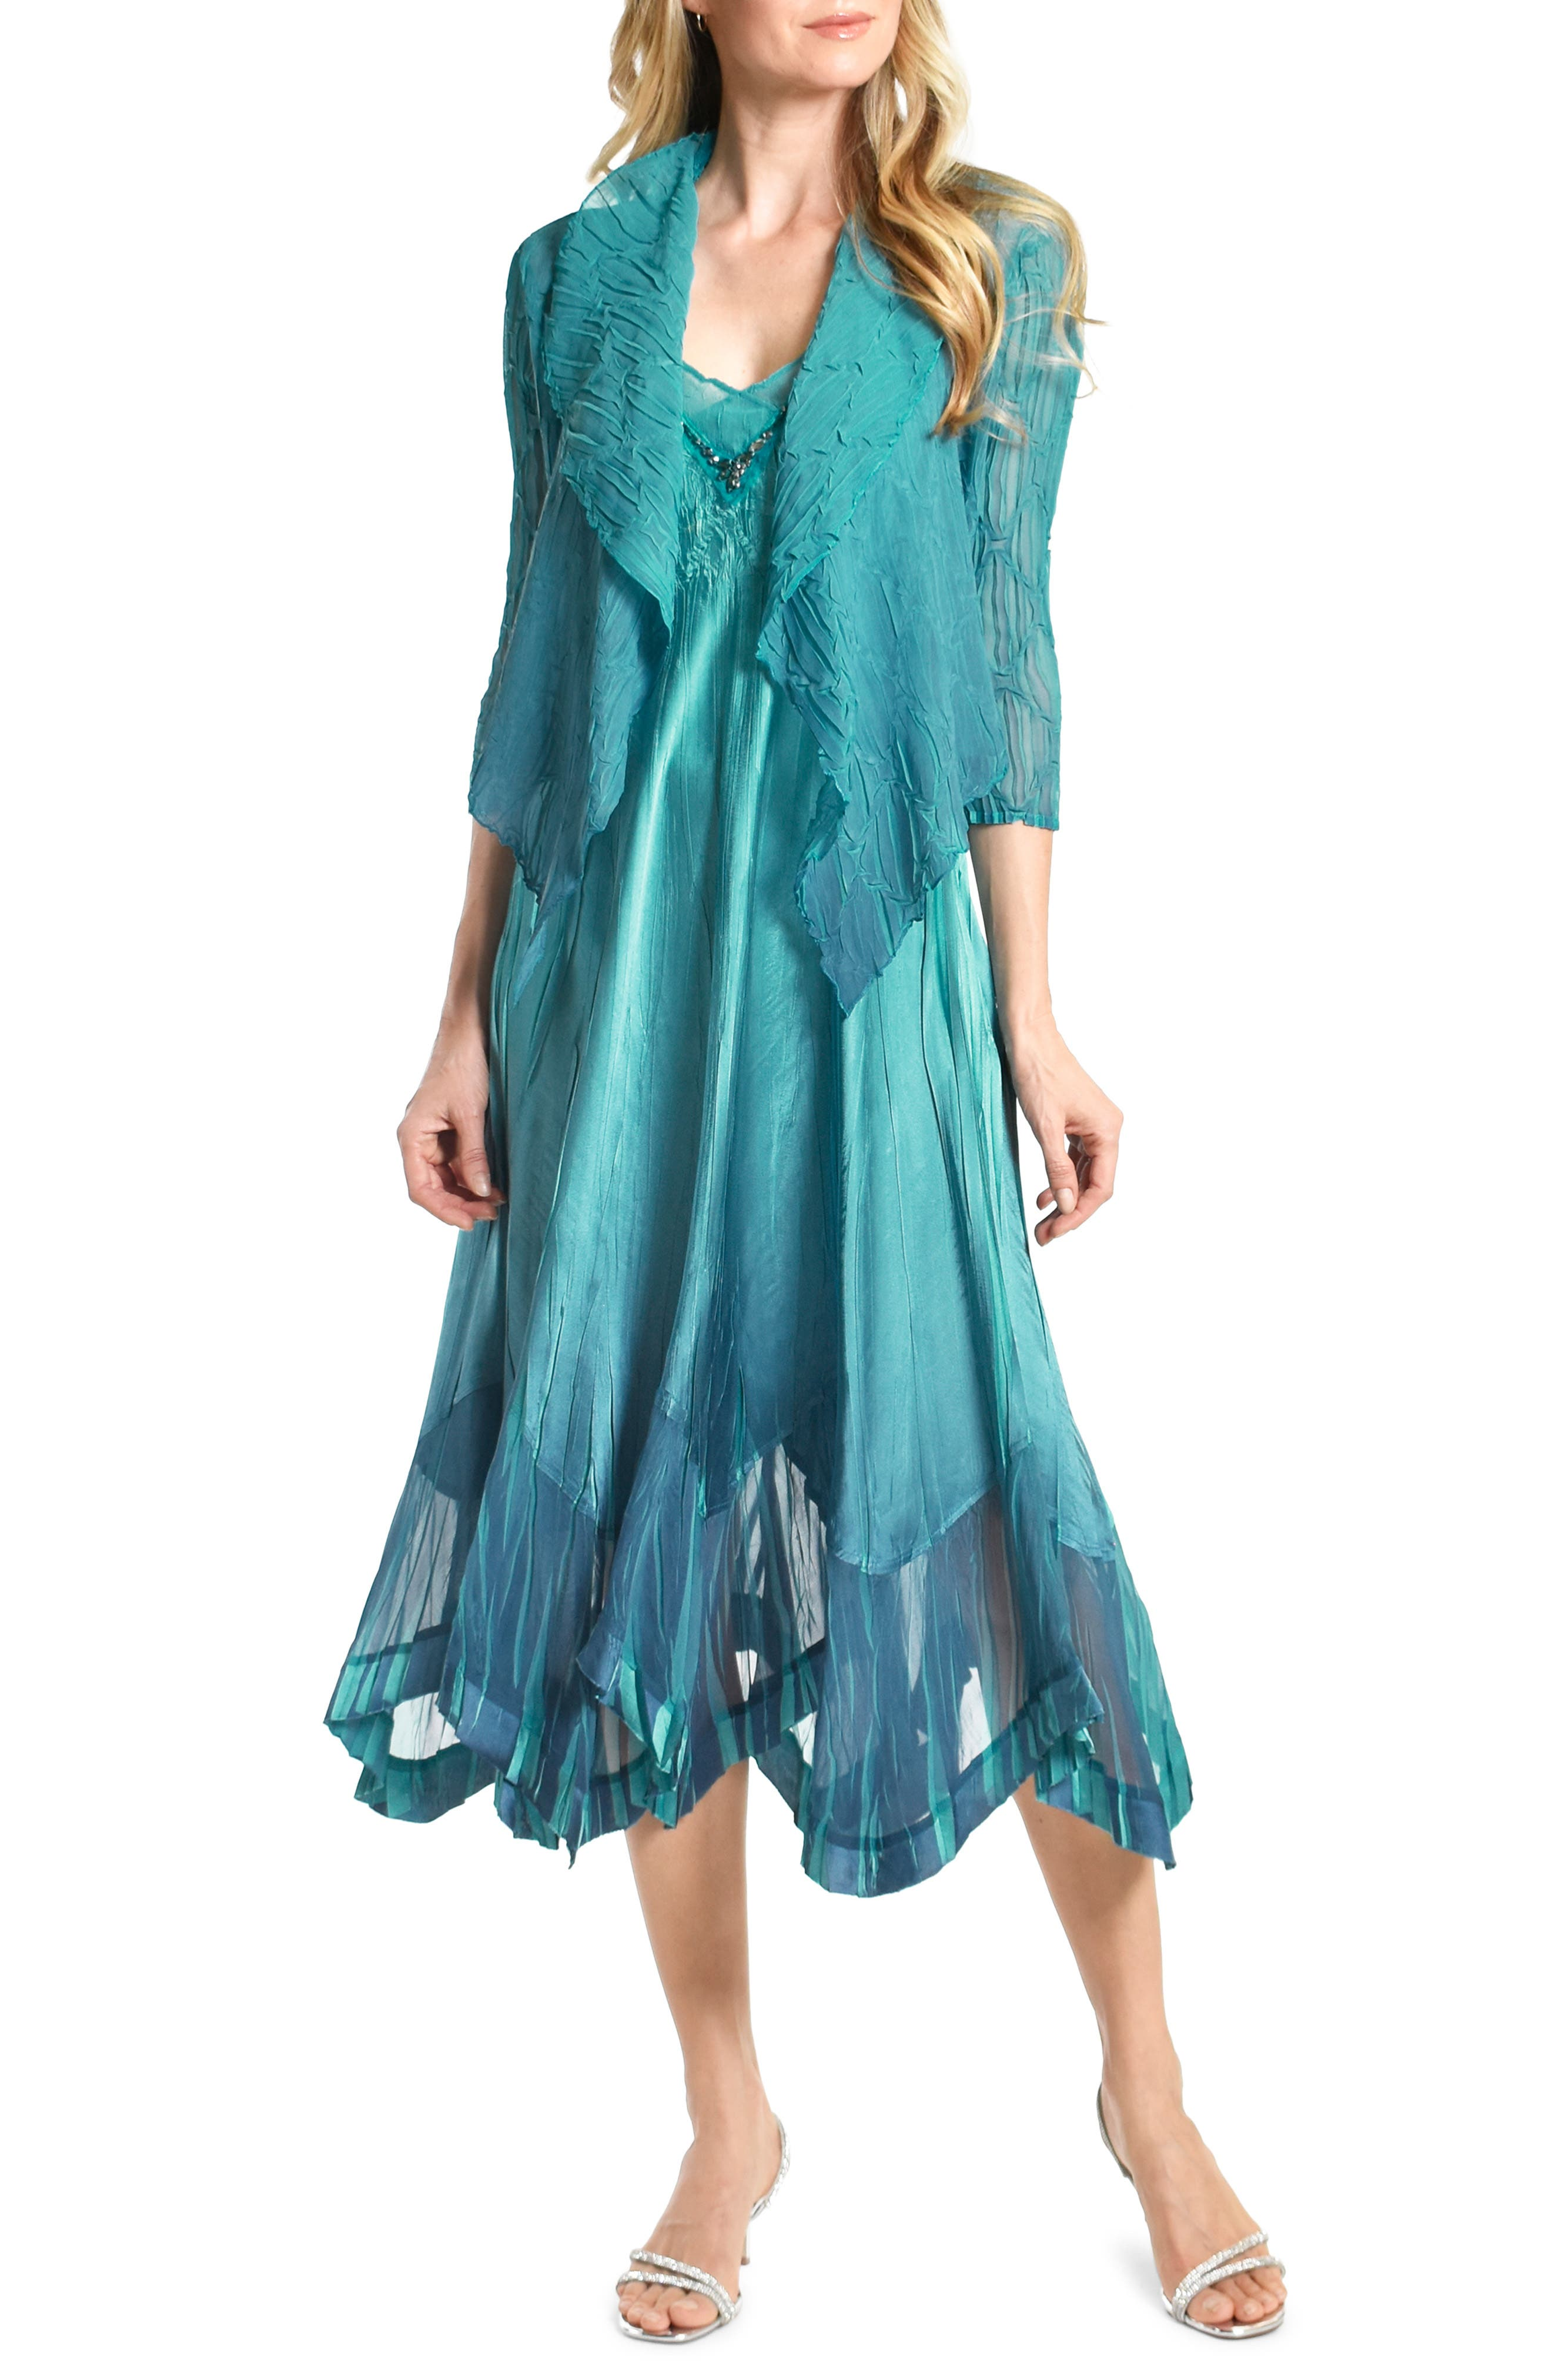 Embellished Midi Dress With Jacket